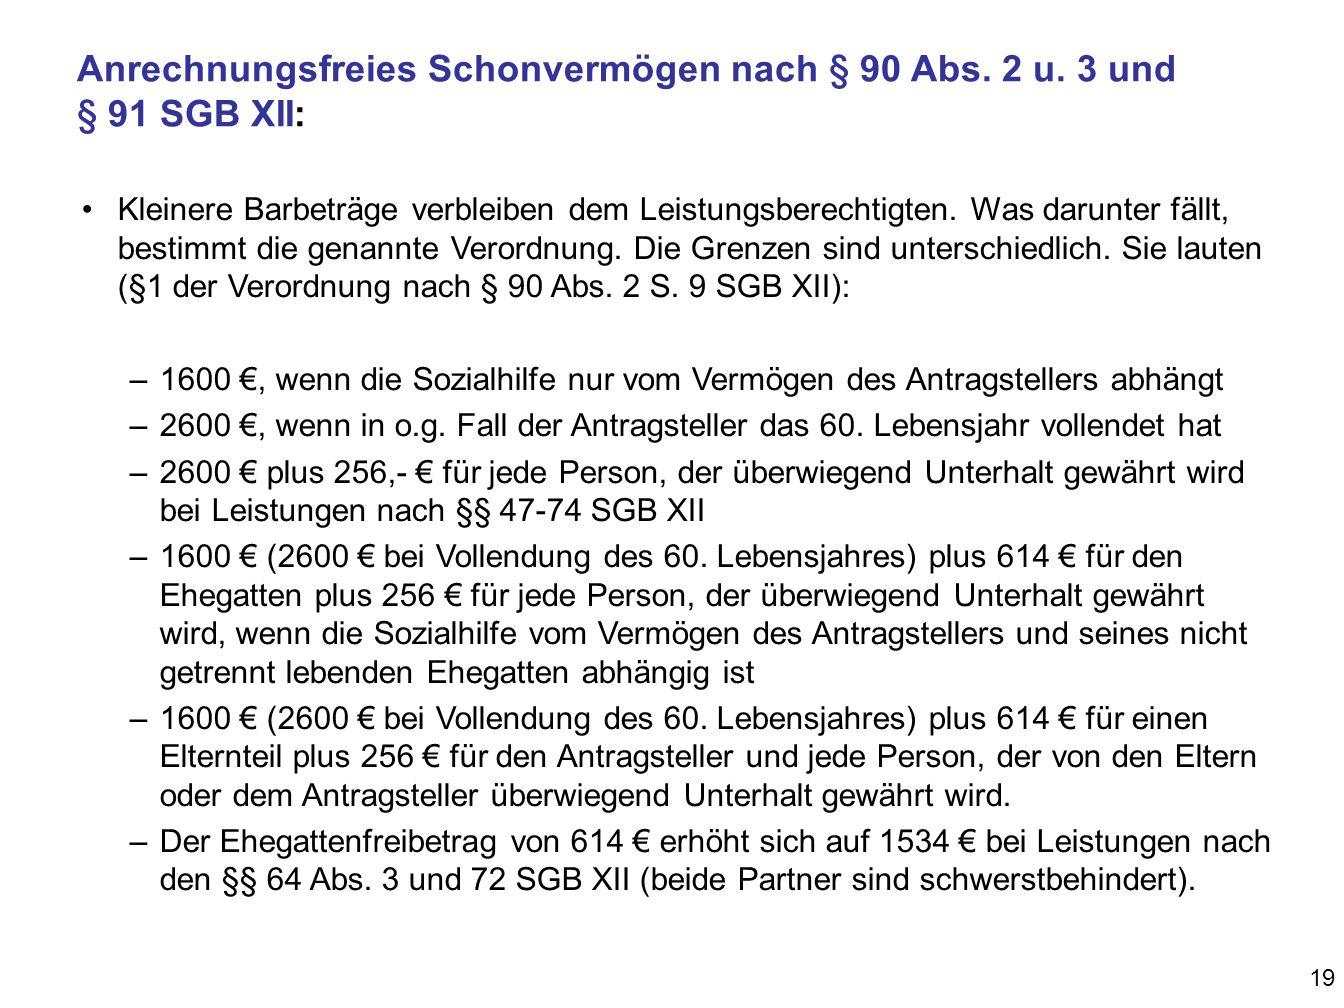 Anrechnungsfreies Schonvermögen nach § 90 Abs.2 u.